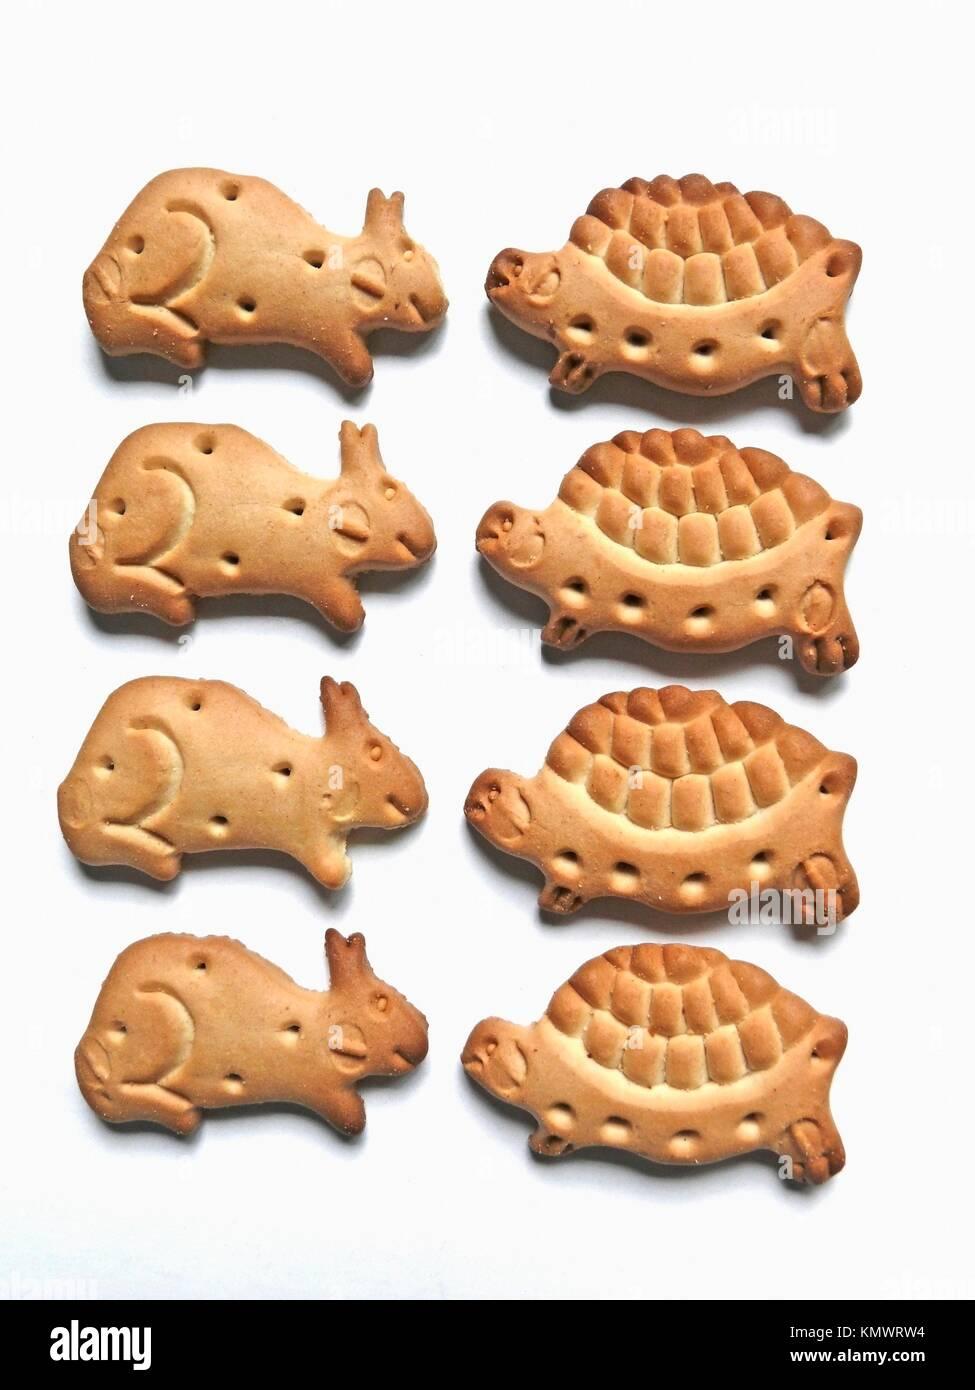 Making Dog Biscuits Uk